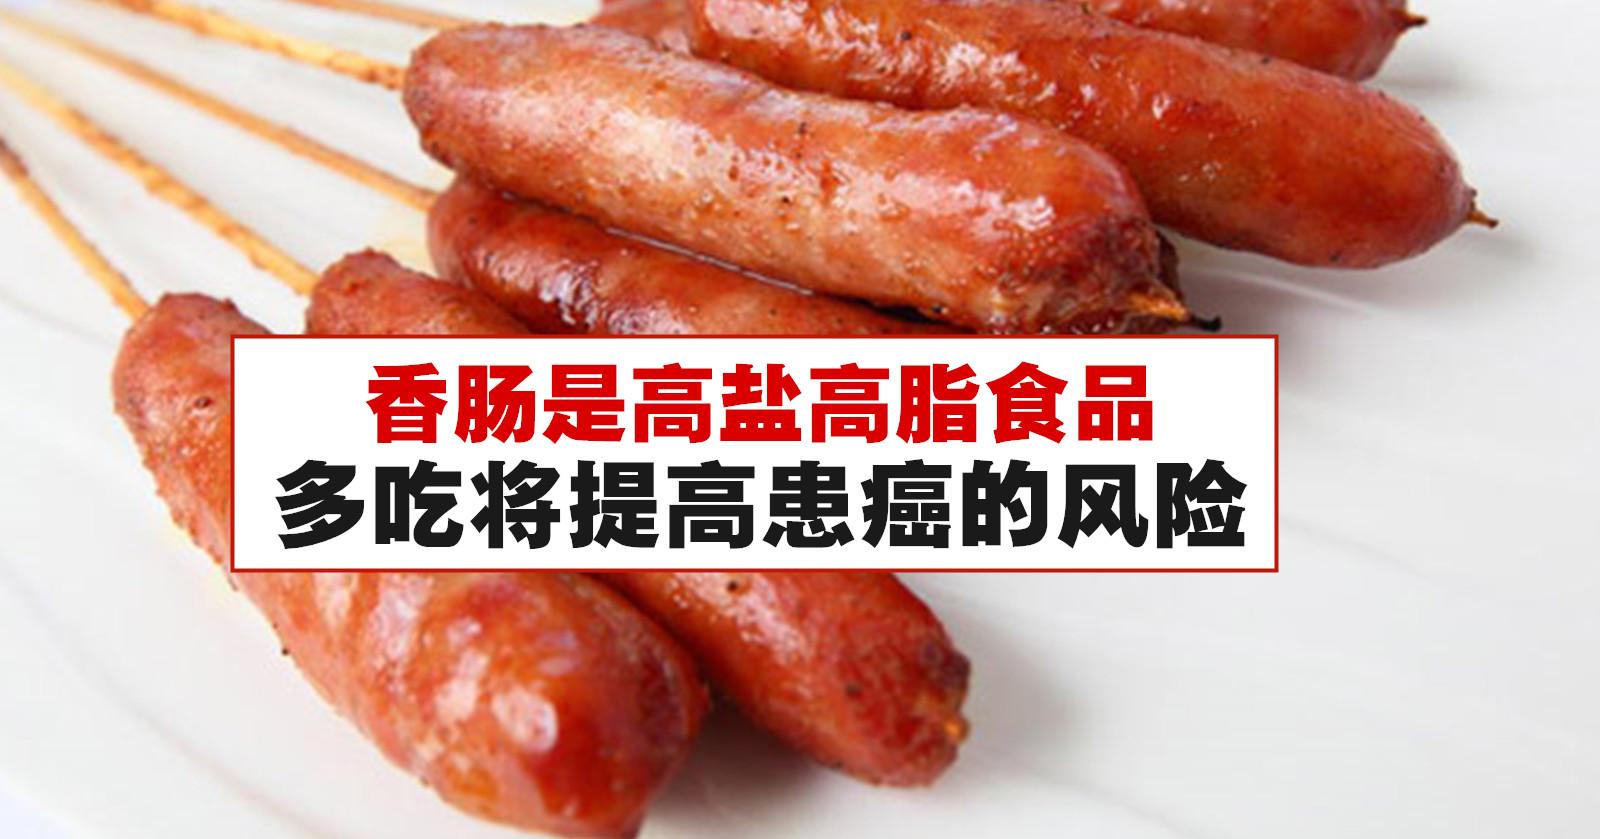 香肠是高盐高脂食品,多吃将提高患癌的风险